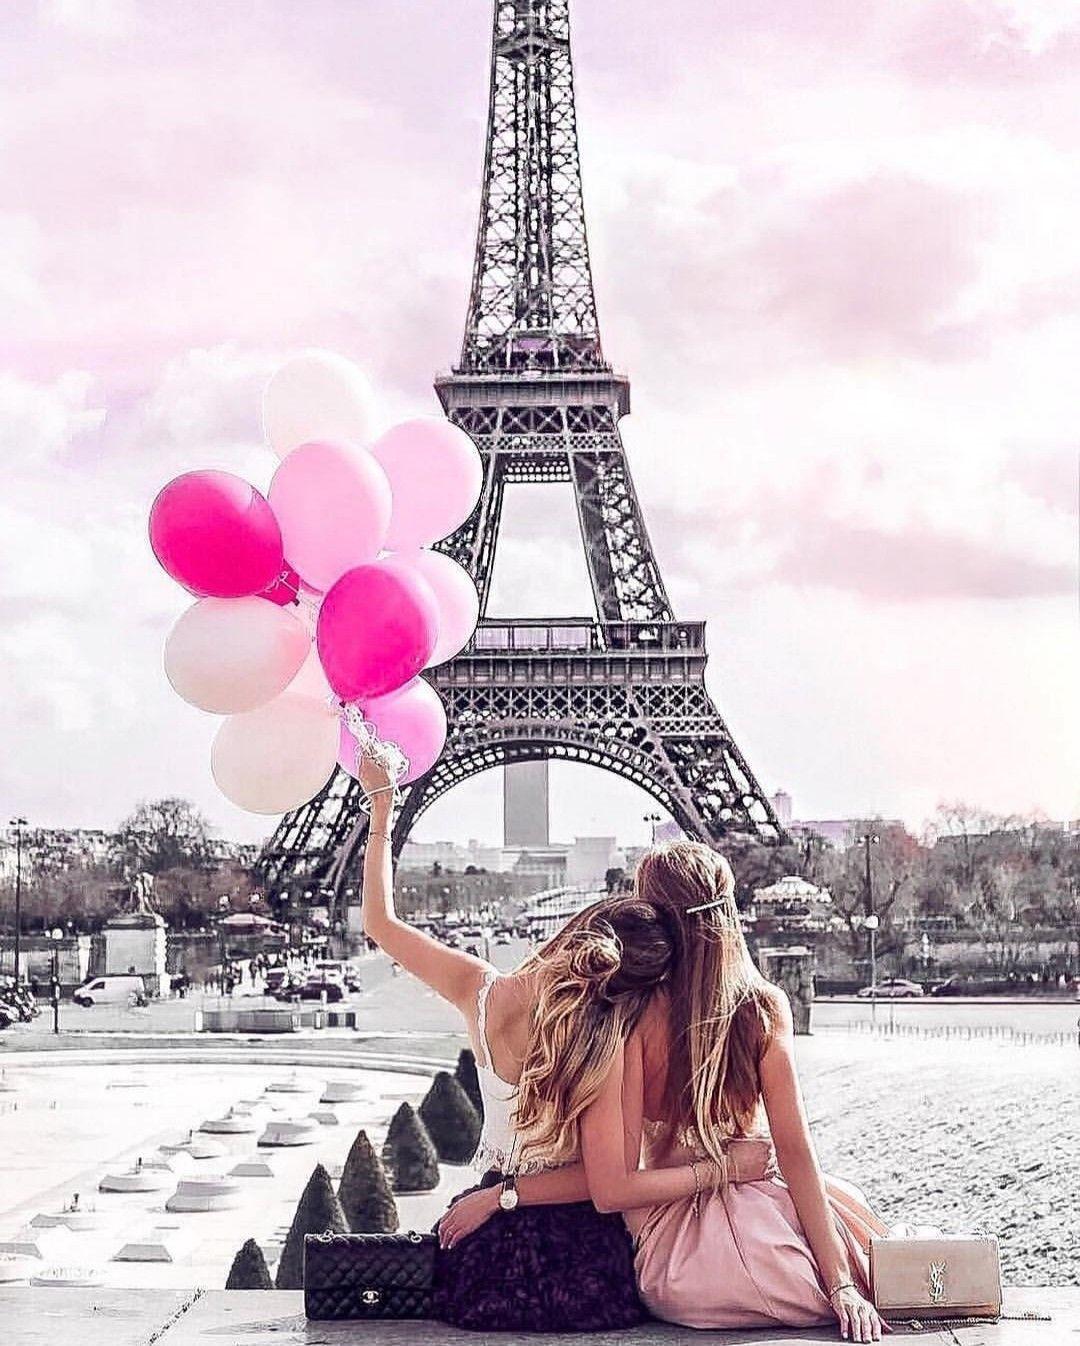 Открытка днем, самые красивые картинки с девушками в париже